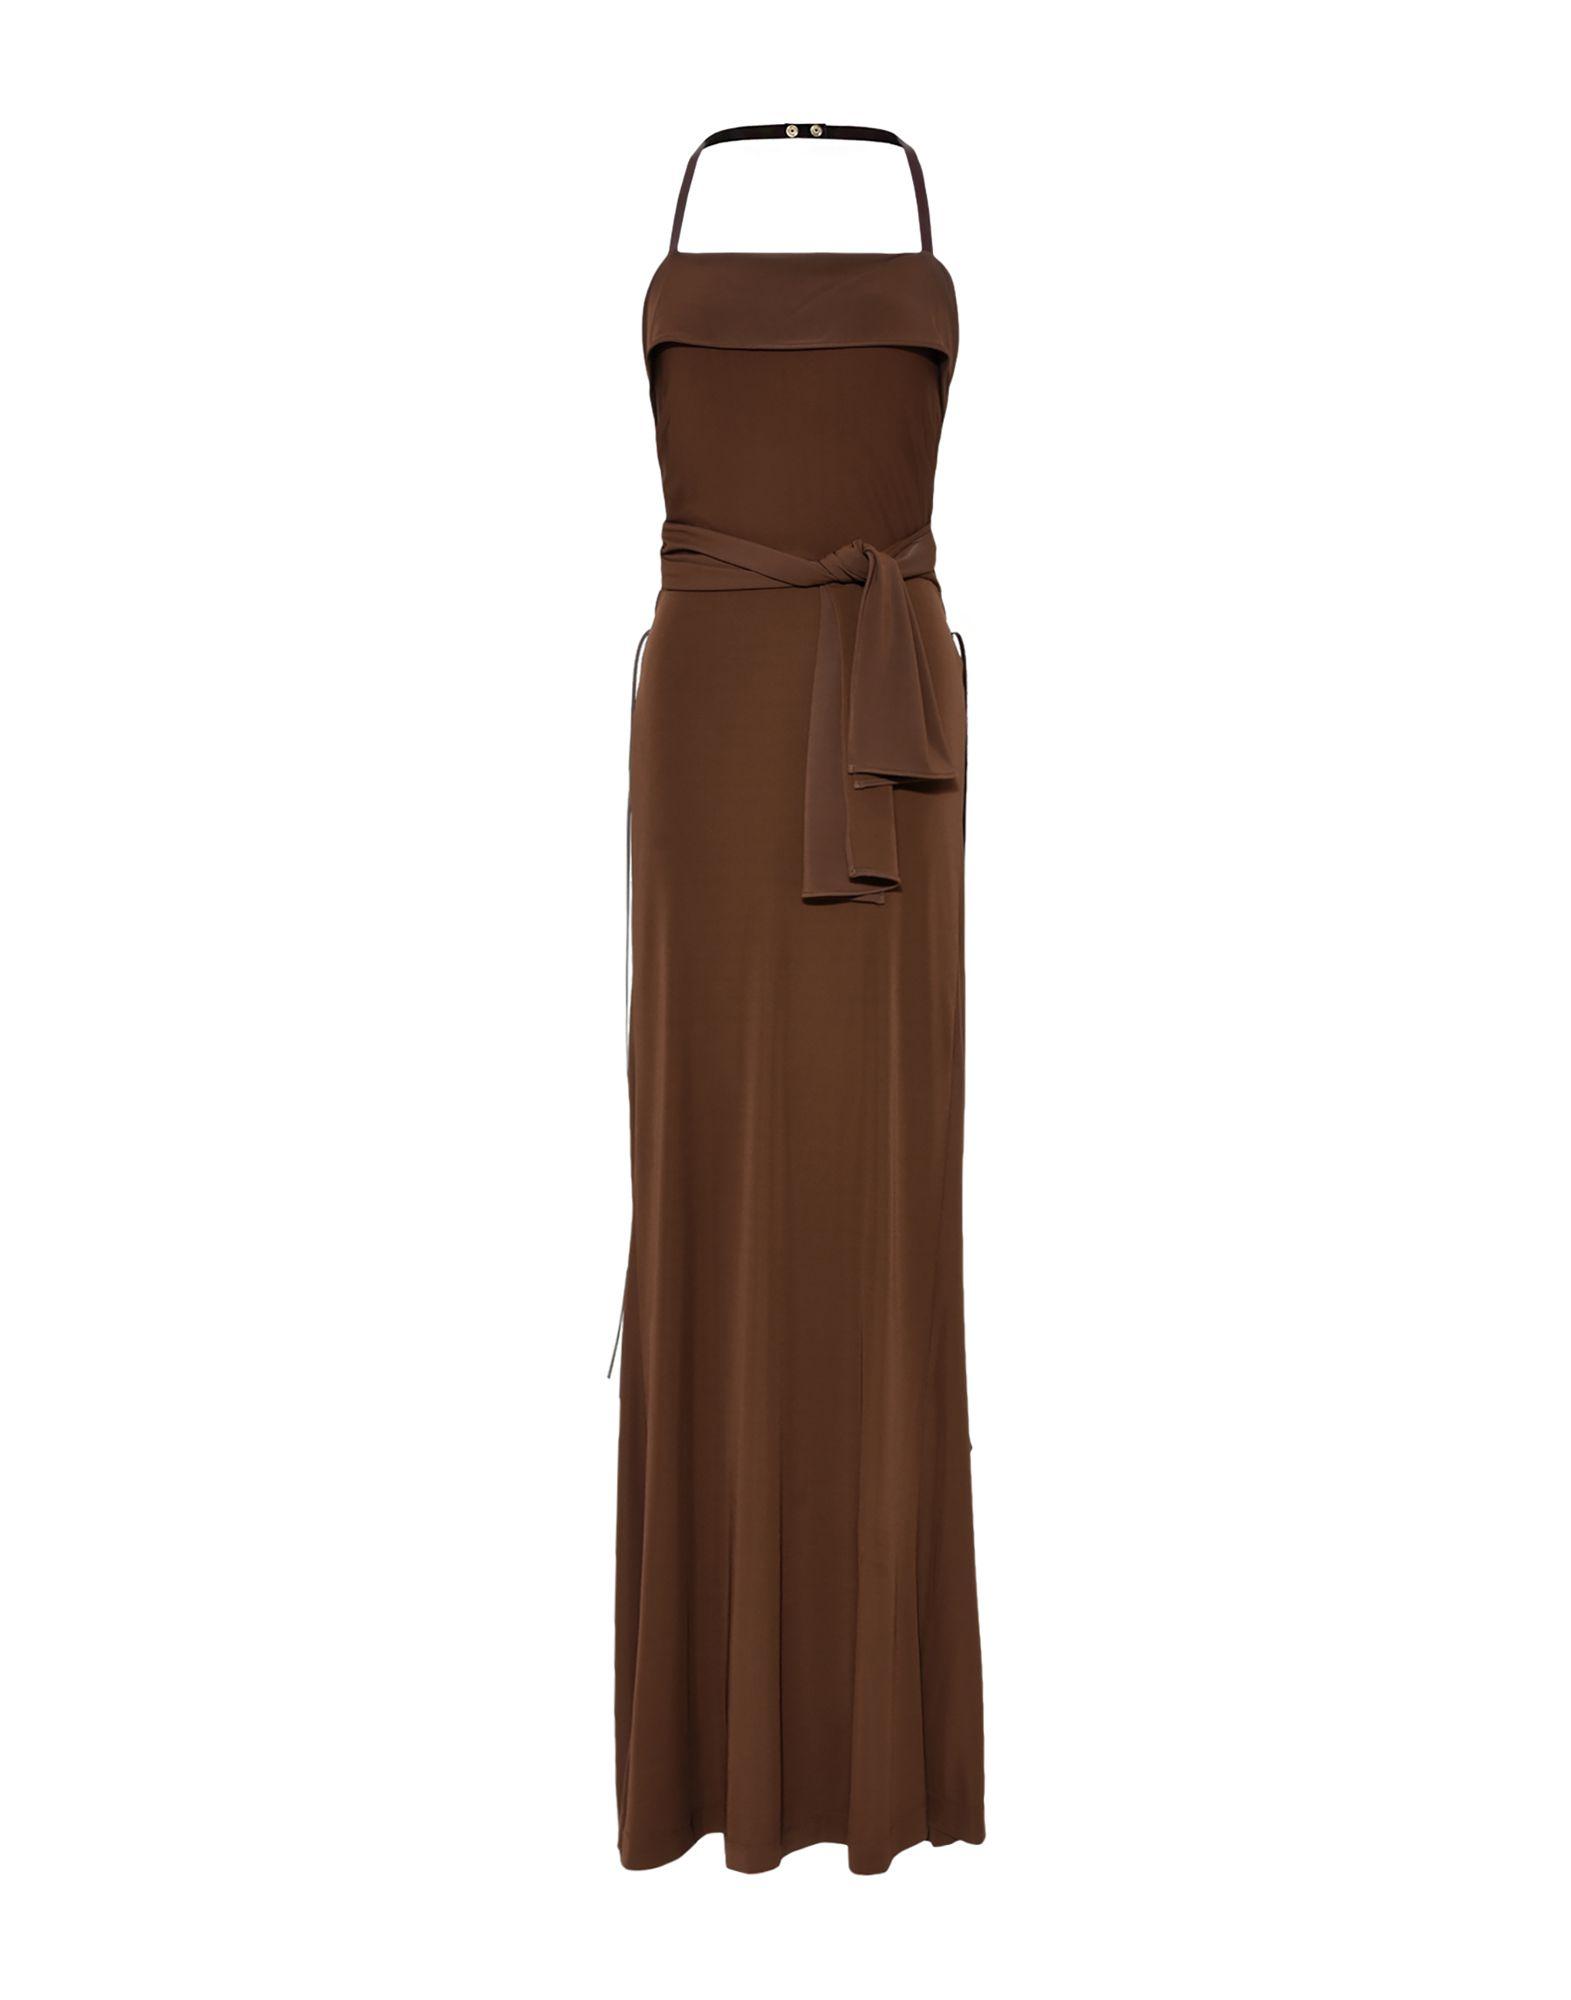 《セール開催中》ALBERTA FERRETTI レディース ロングワンピース&ドレス ダークブラウン 42 レーヨン 95% / 指定外繊維 5%